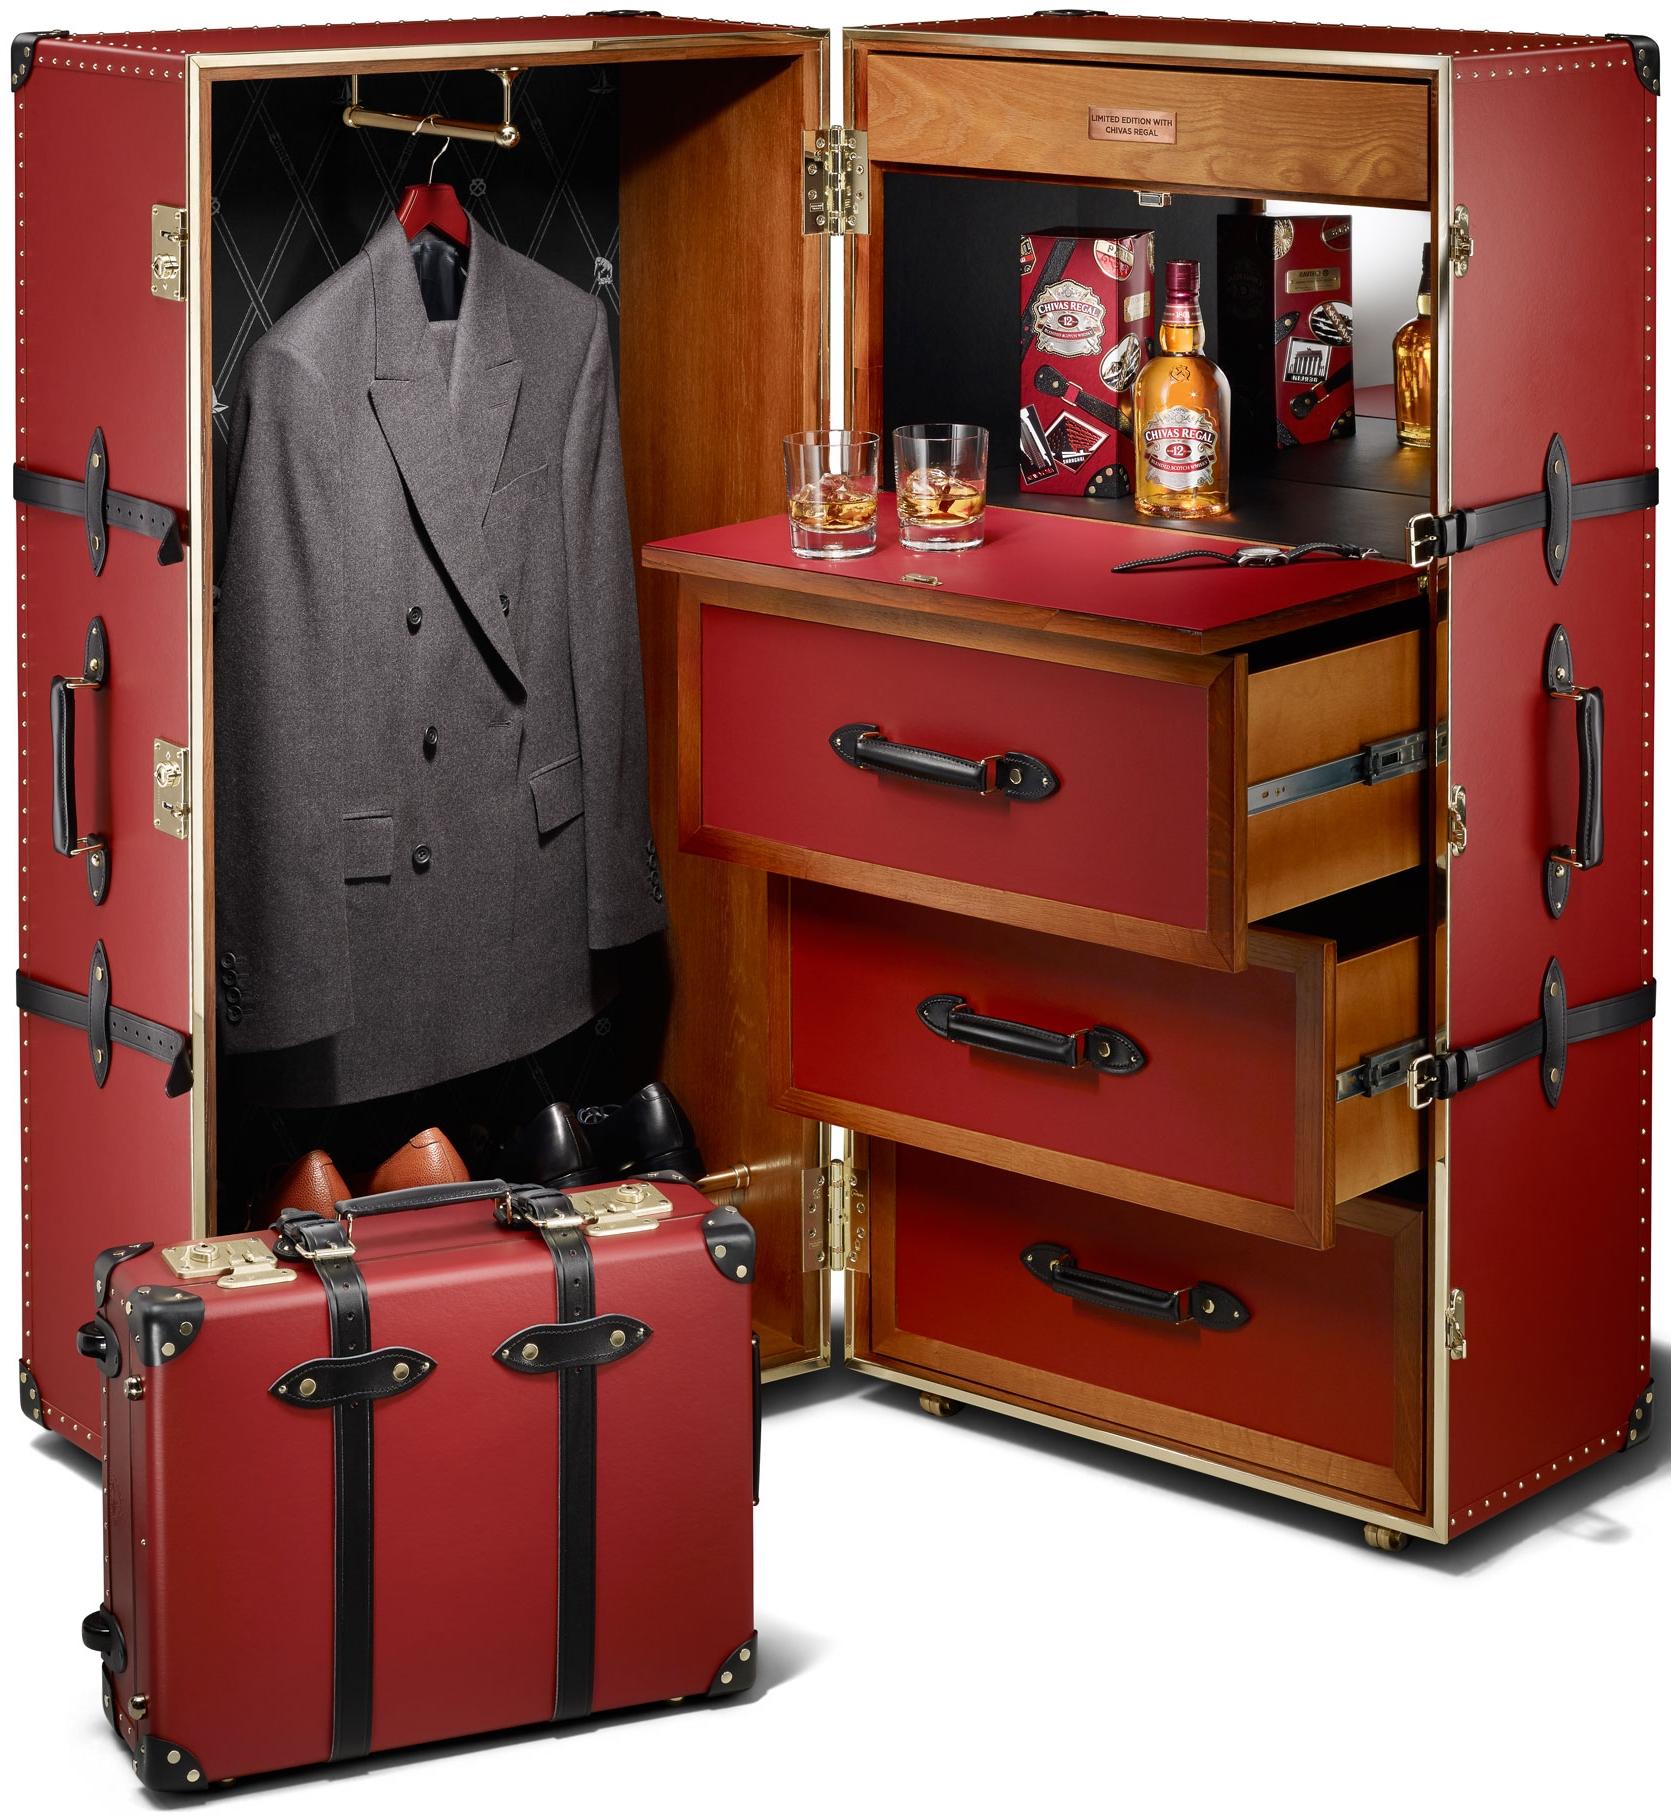 Chivas 12 'Made for Gentlemen' Steamer Trunk, $13040